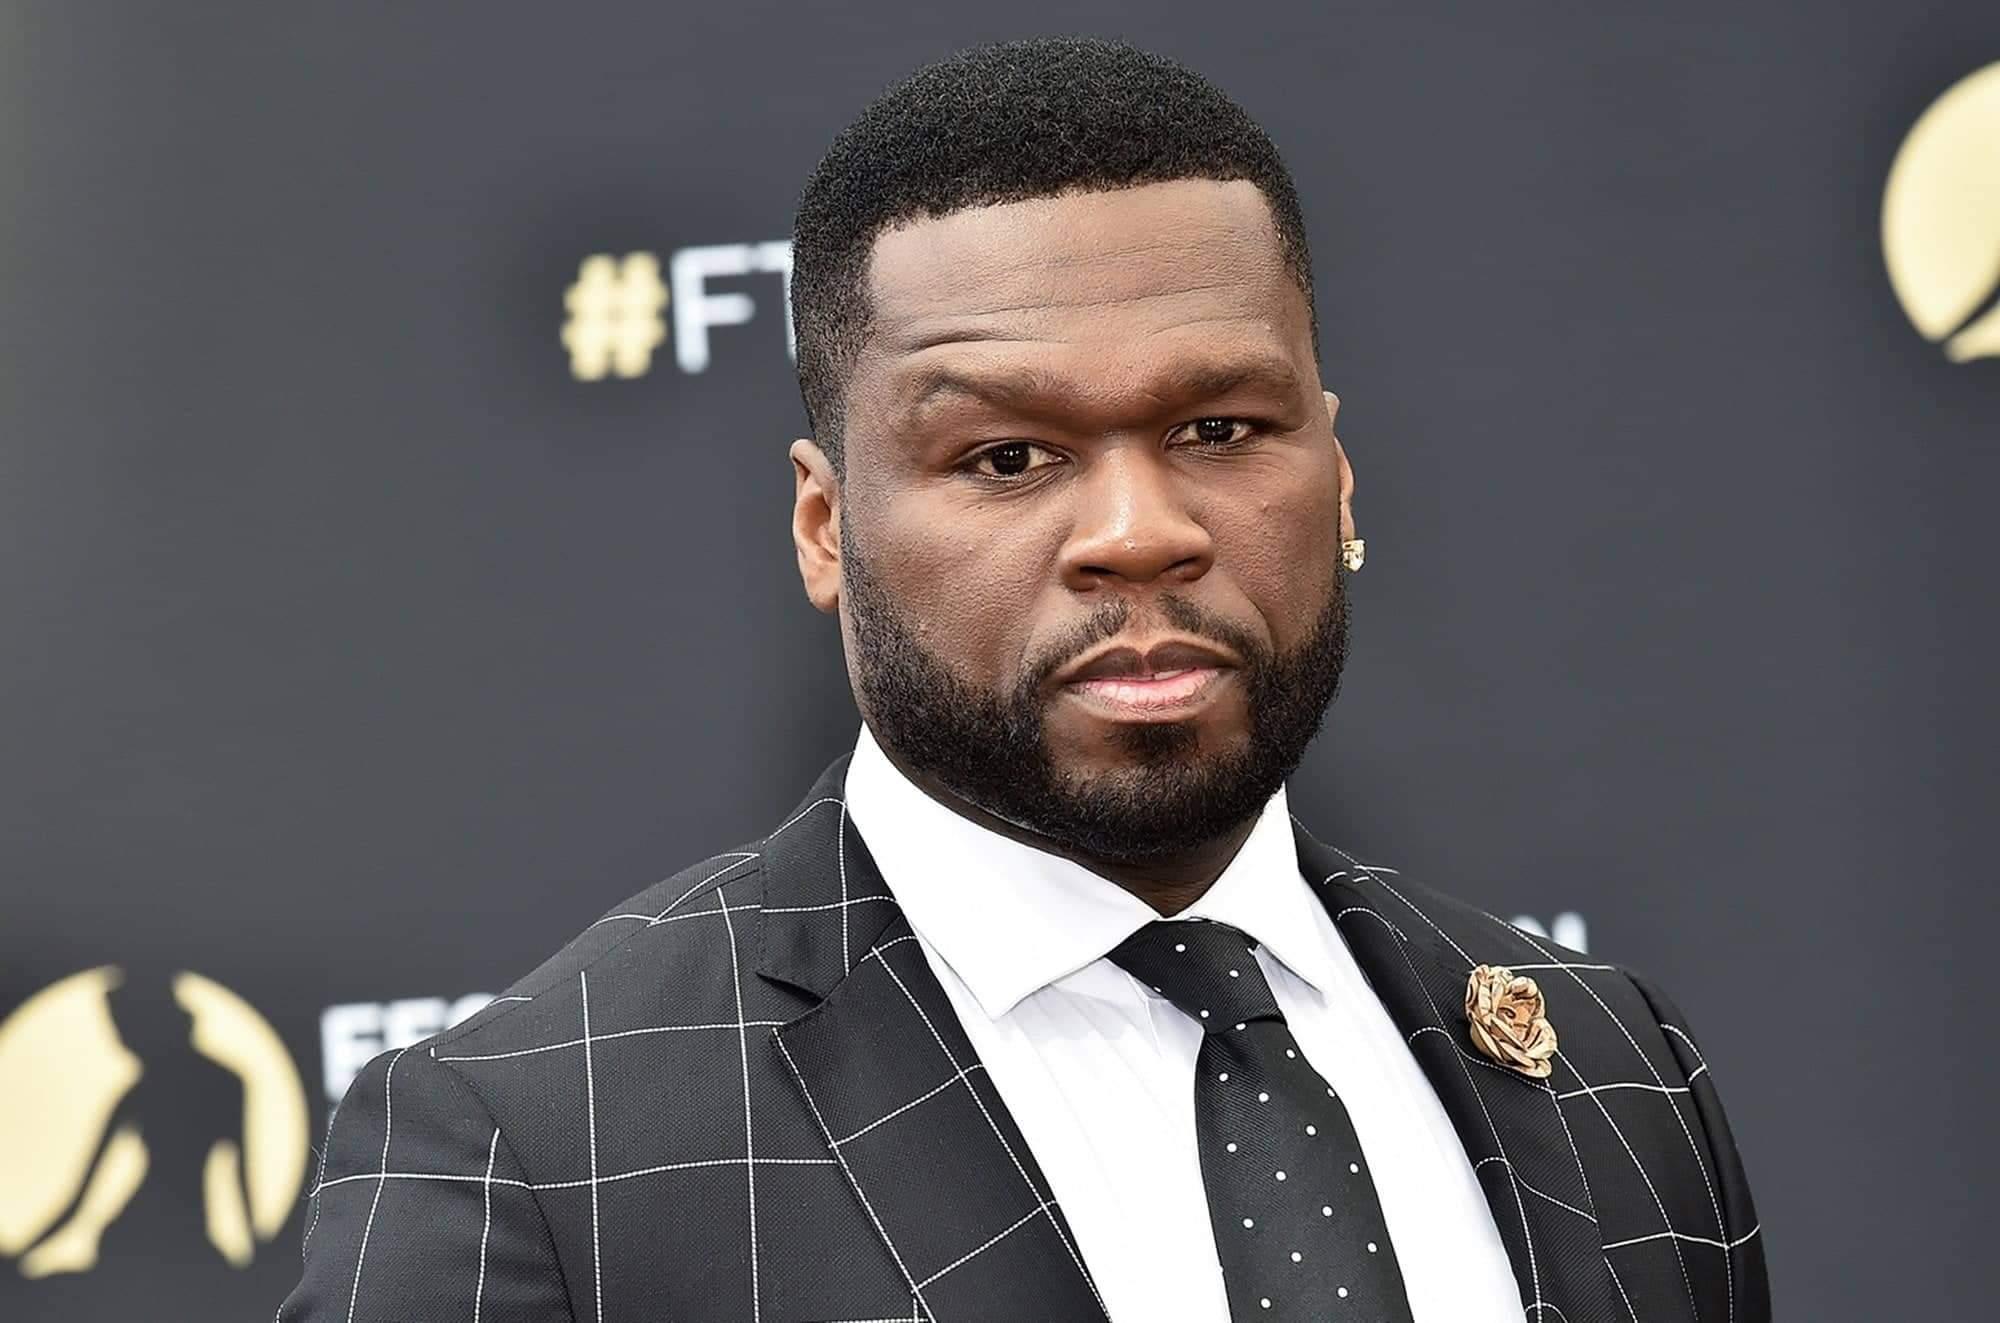 L'étoile de 50 Cent sur le Hollywood Walk Of Fame ne saurait tarder